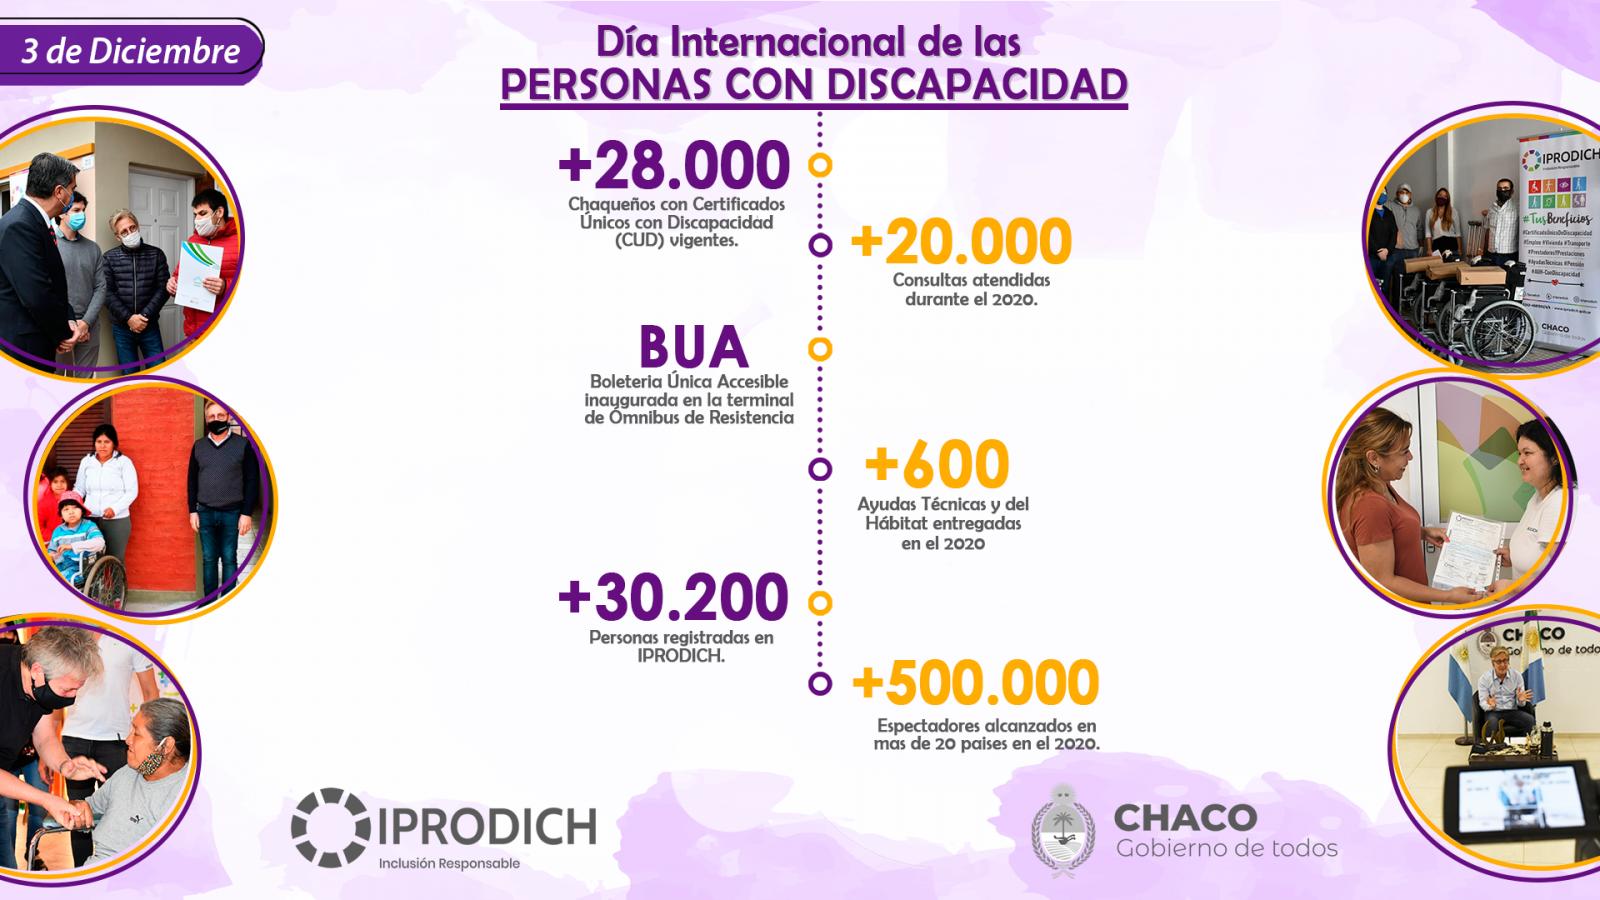 En el Día Internacional de las Personas con Discapacidad, IPRODICH brega por su inclusión responsable